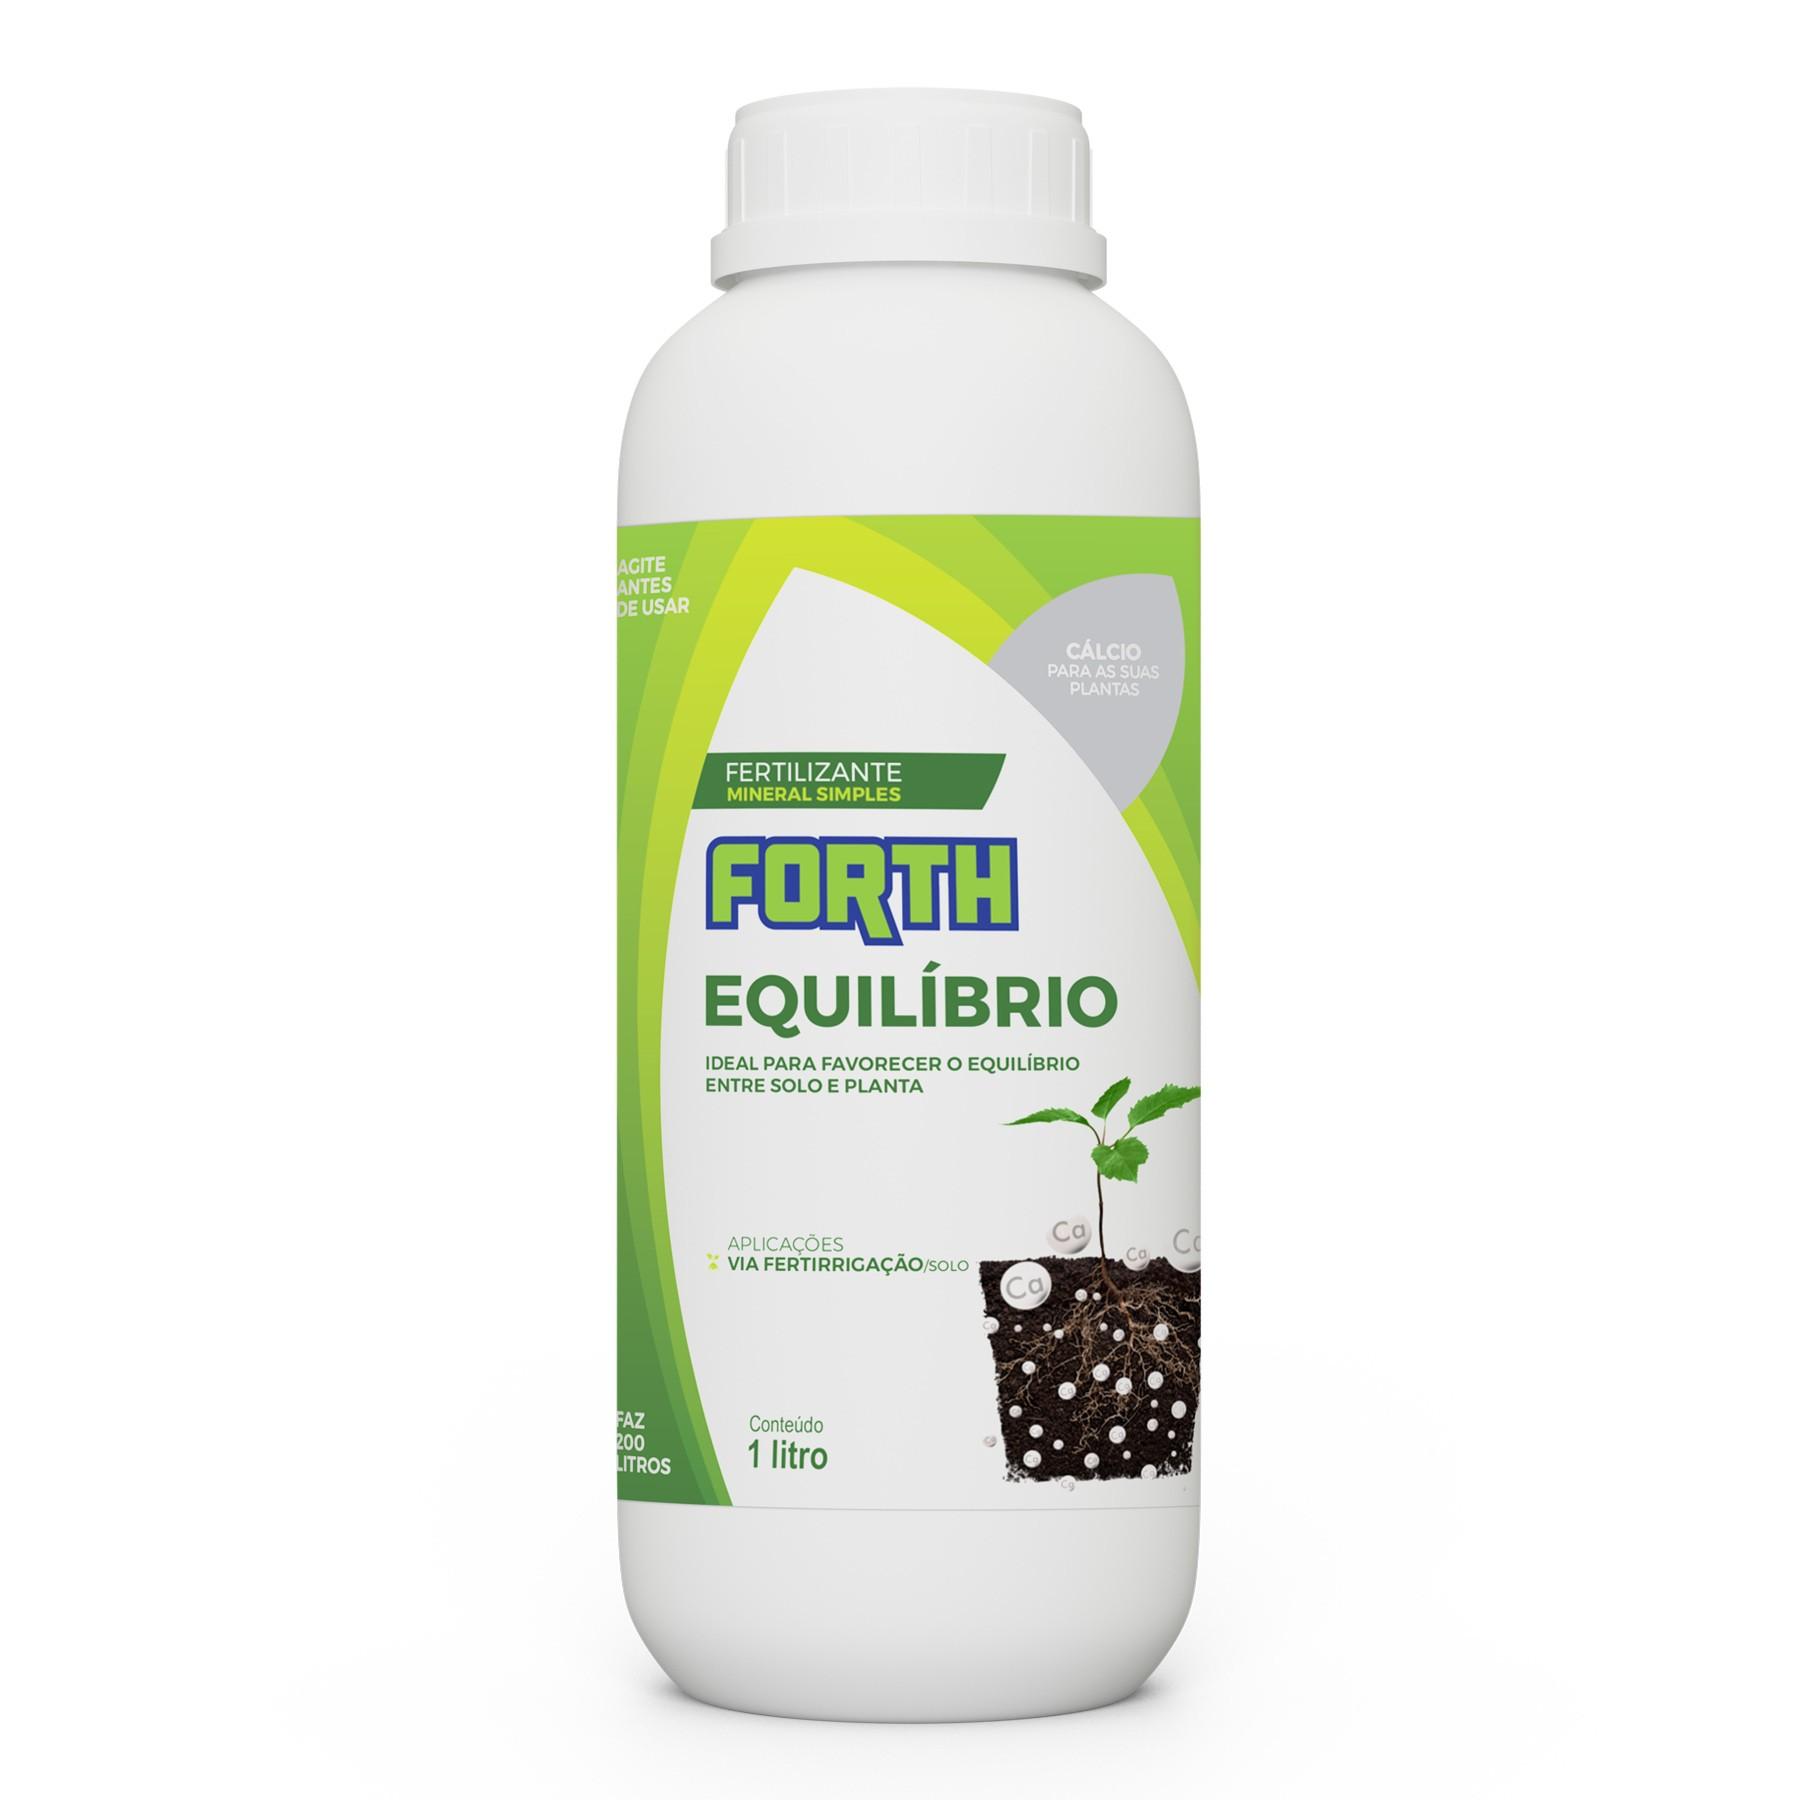 Fertilizante via solo Forth Equilíbrio 1 litro Concentrado (Carbonato de Cálcio)